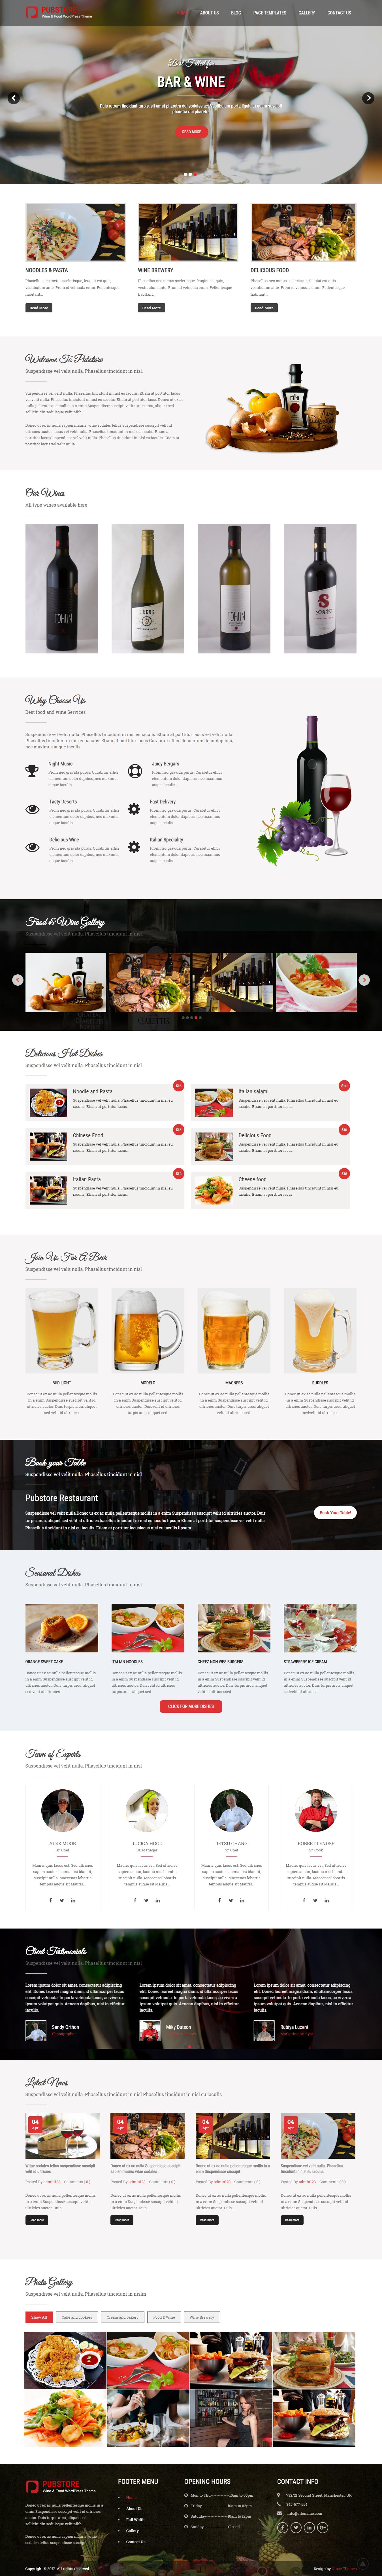 pubstore best free bar pub wordpress theme - 10+ Best Free Bar and Pub WordPress Themes